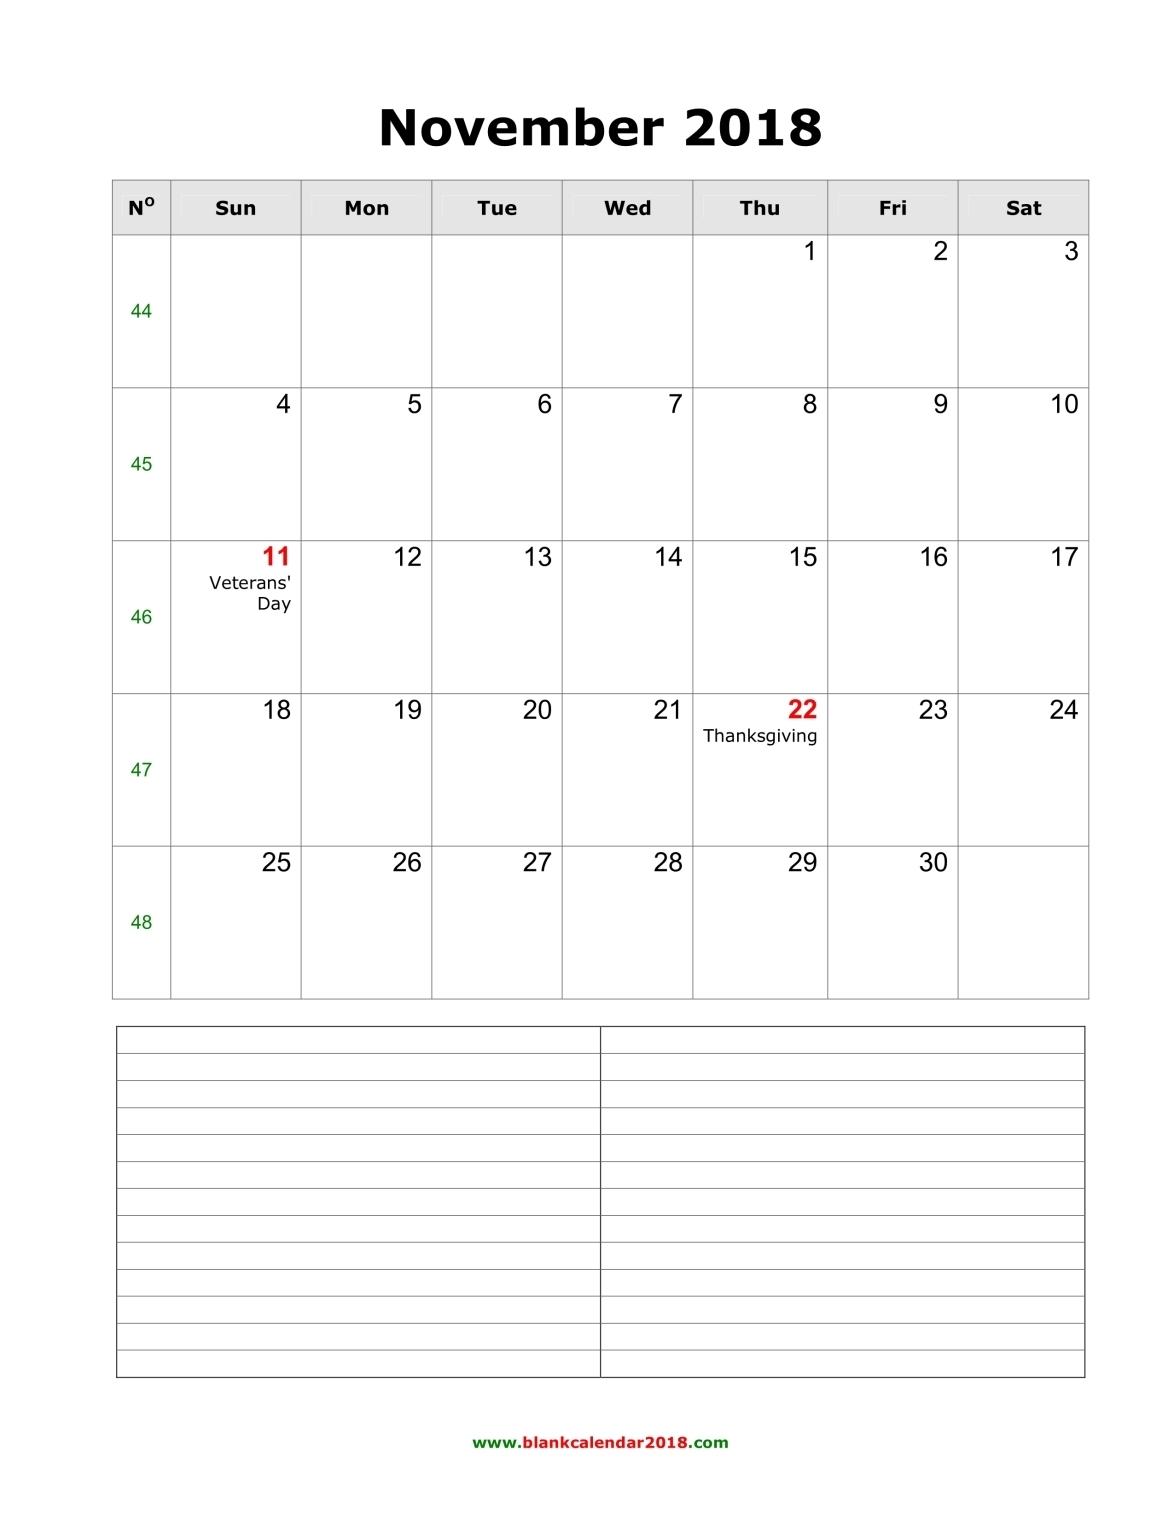 Blank Calendar With Holidays : Blank calendar for november